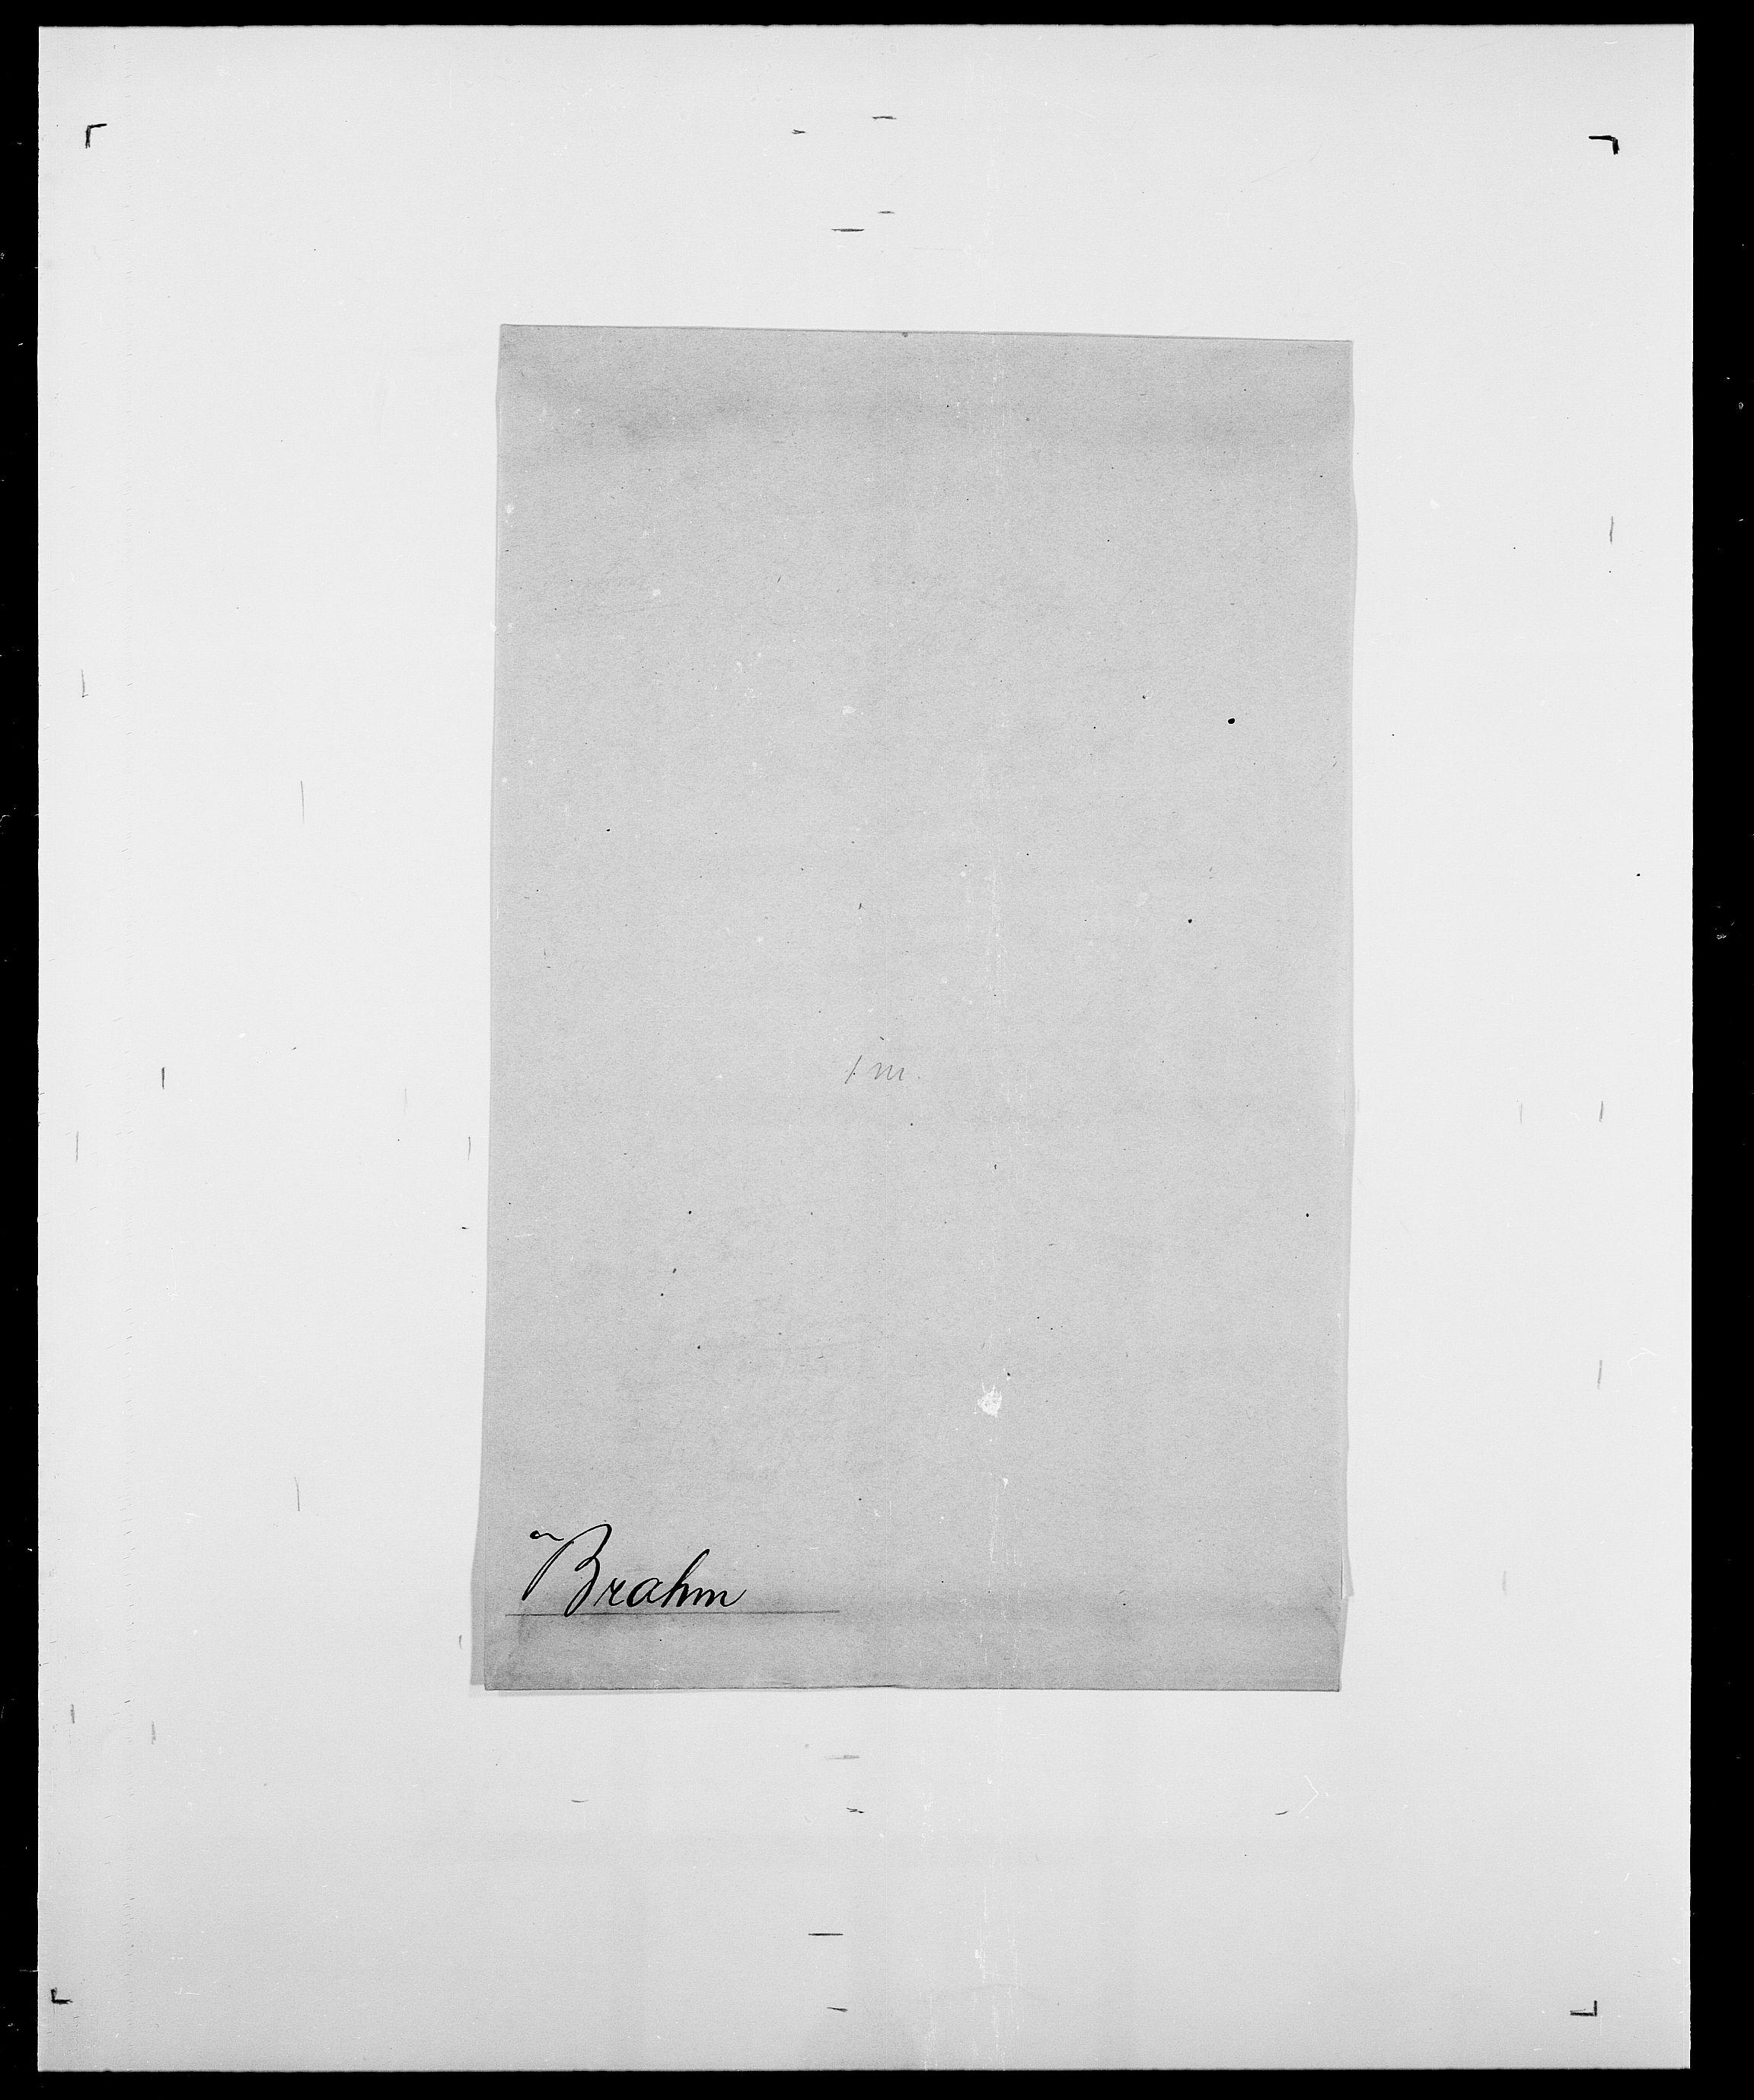 SAO, Delgobe, Charles Antoine - samling, D/Da/L0005: Boalth - Brahm, s. 466